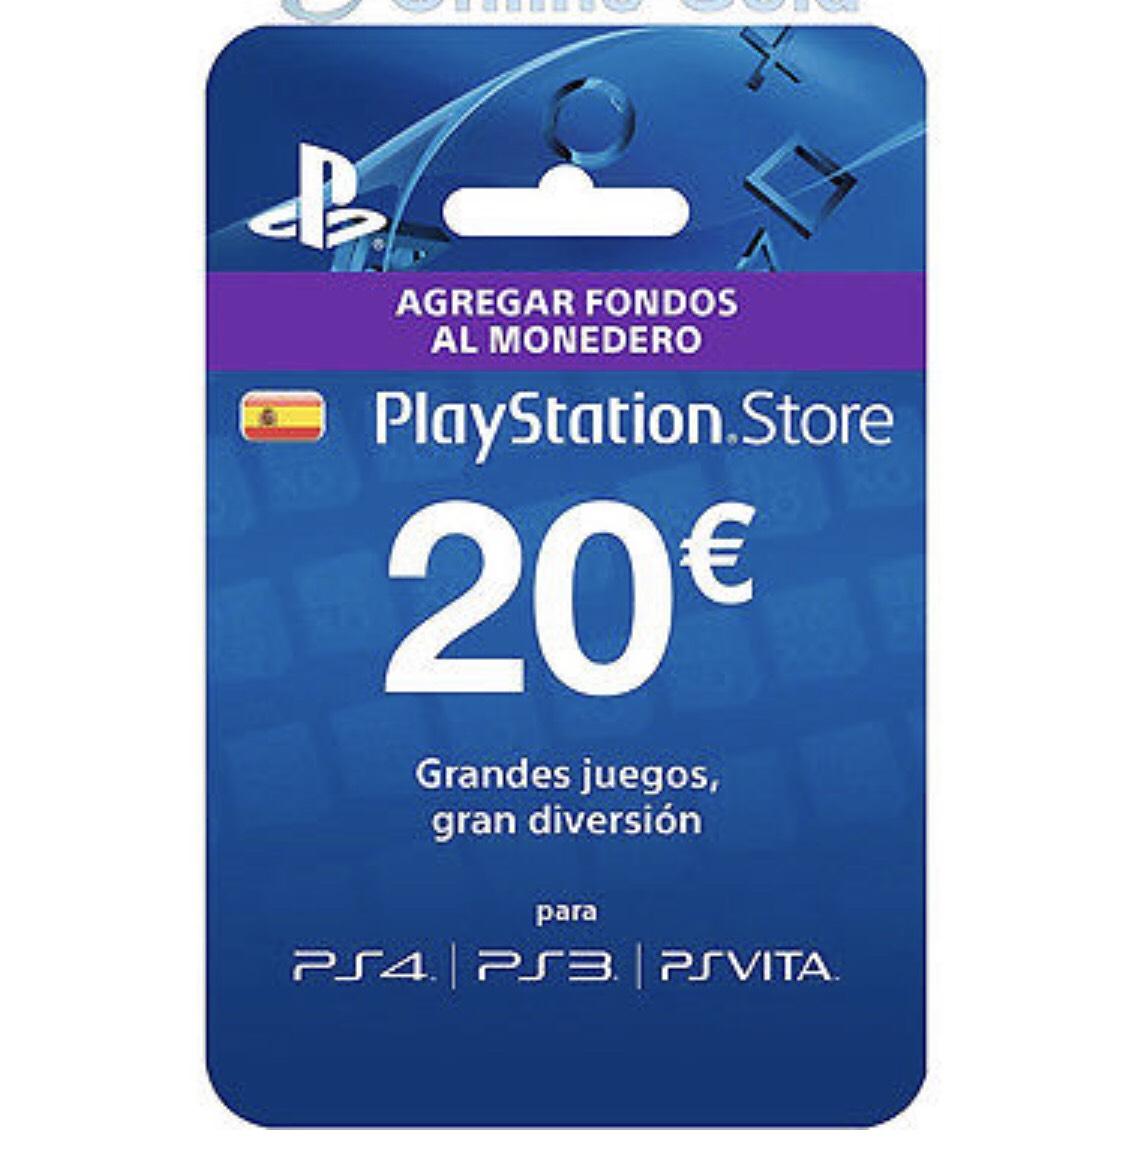 20€ en PlayStation Store por 16€